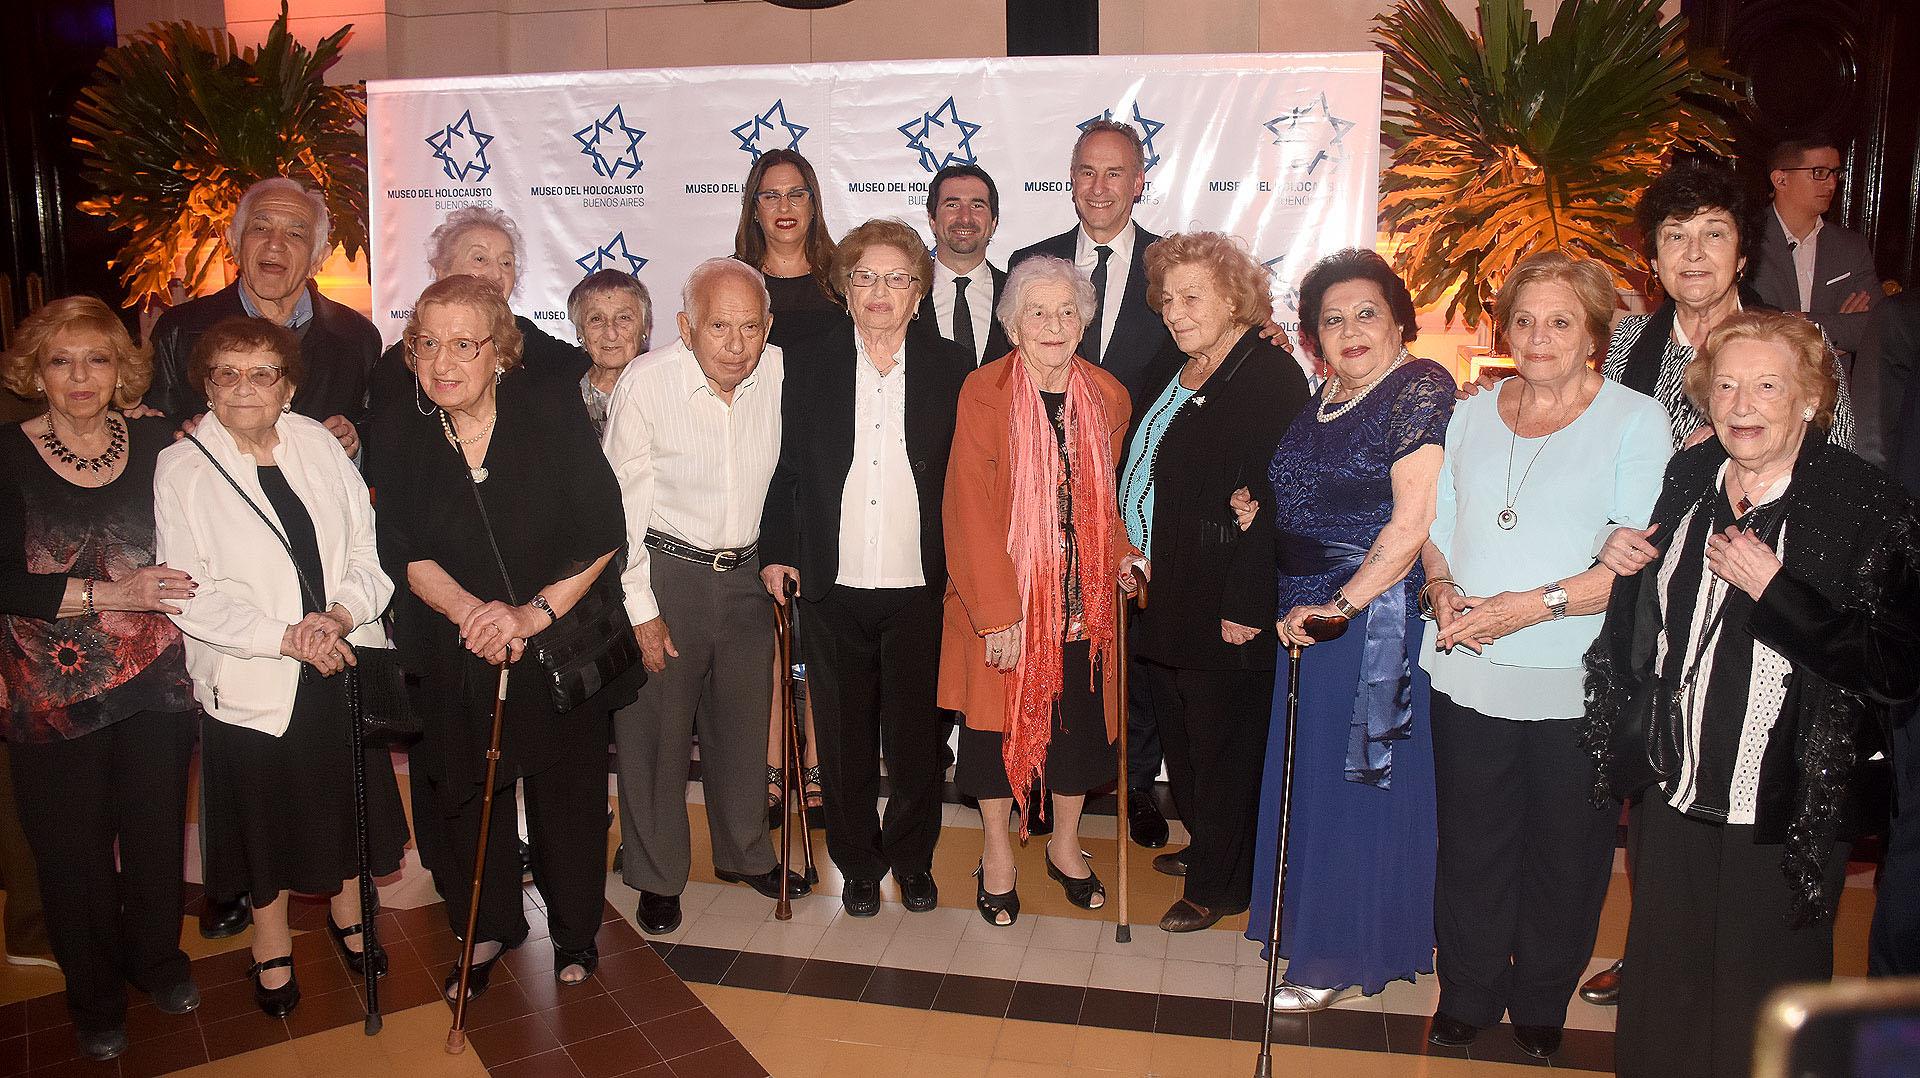 En la fila de atrás: Fabiana Mimdlin, Jonathan Karszembaum – directores del Museo- Marcelo Mindlin jnto a sobrevivientesdel Holocausto junto a la comisión directiva del Museo del Holocausto